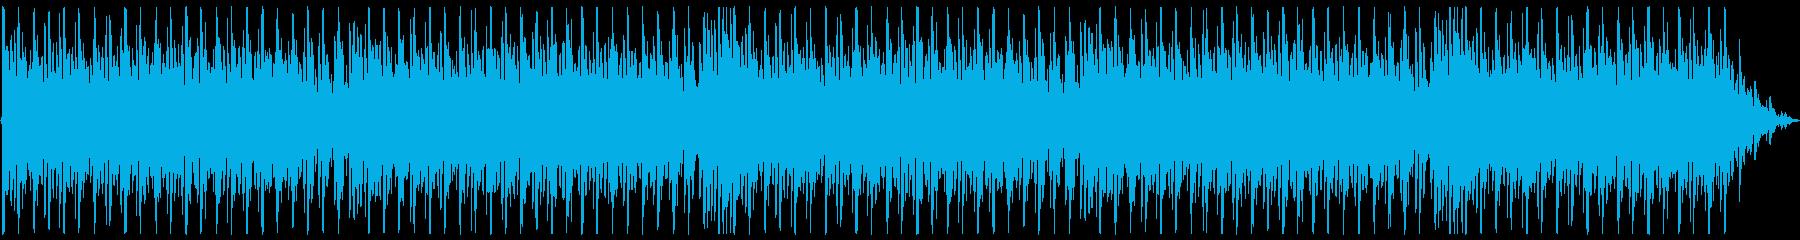 気高さと疾走感を描くクラシック曲:編集Bの再生済みの波形